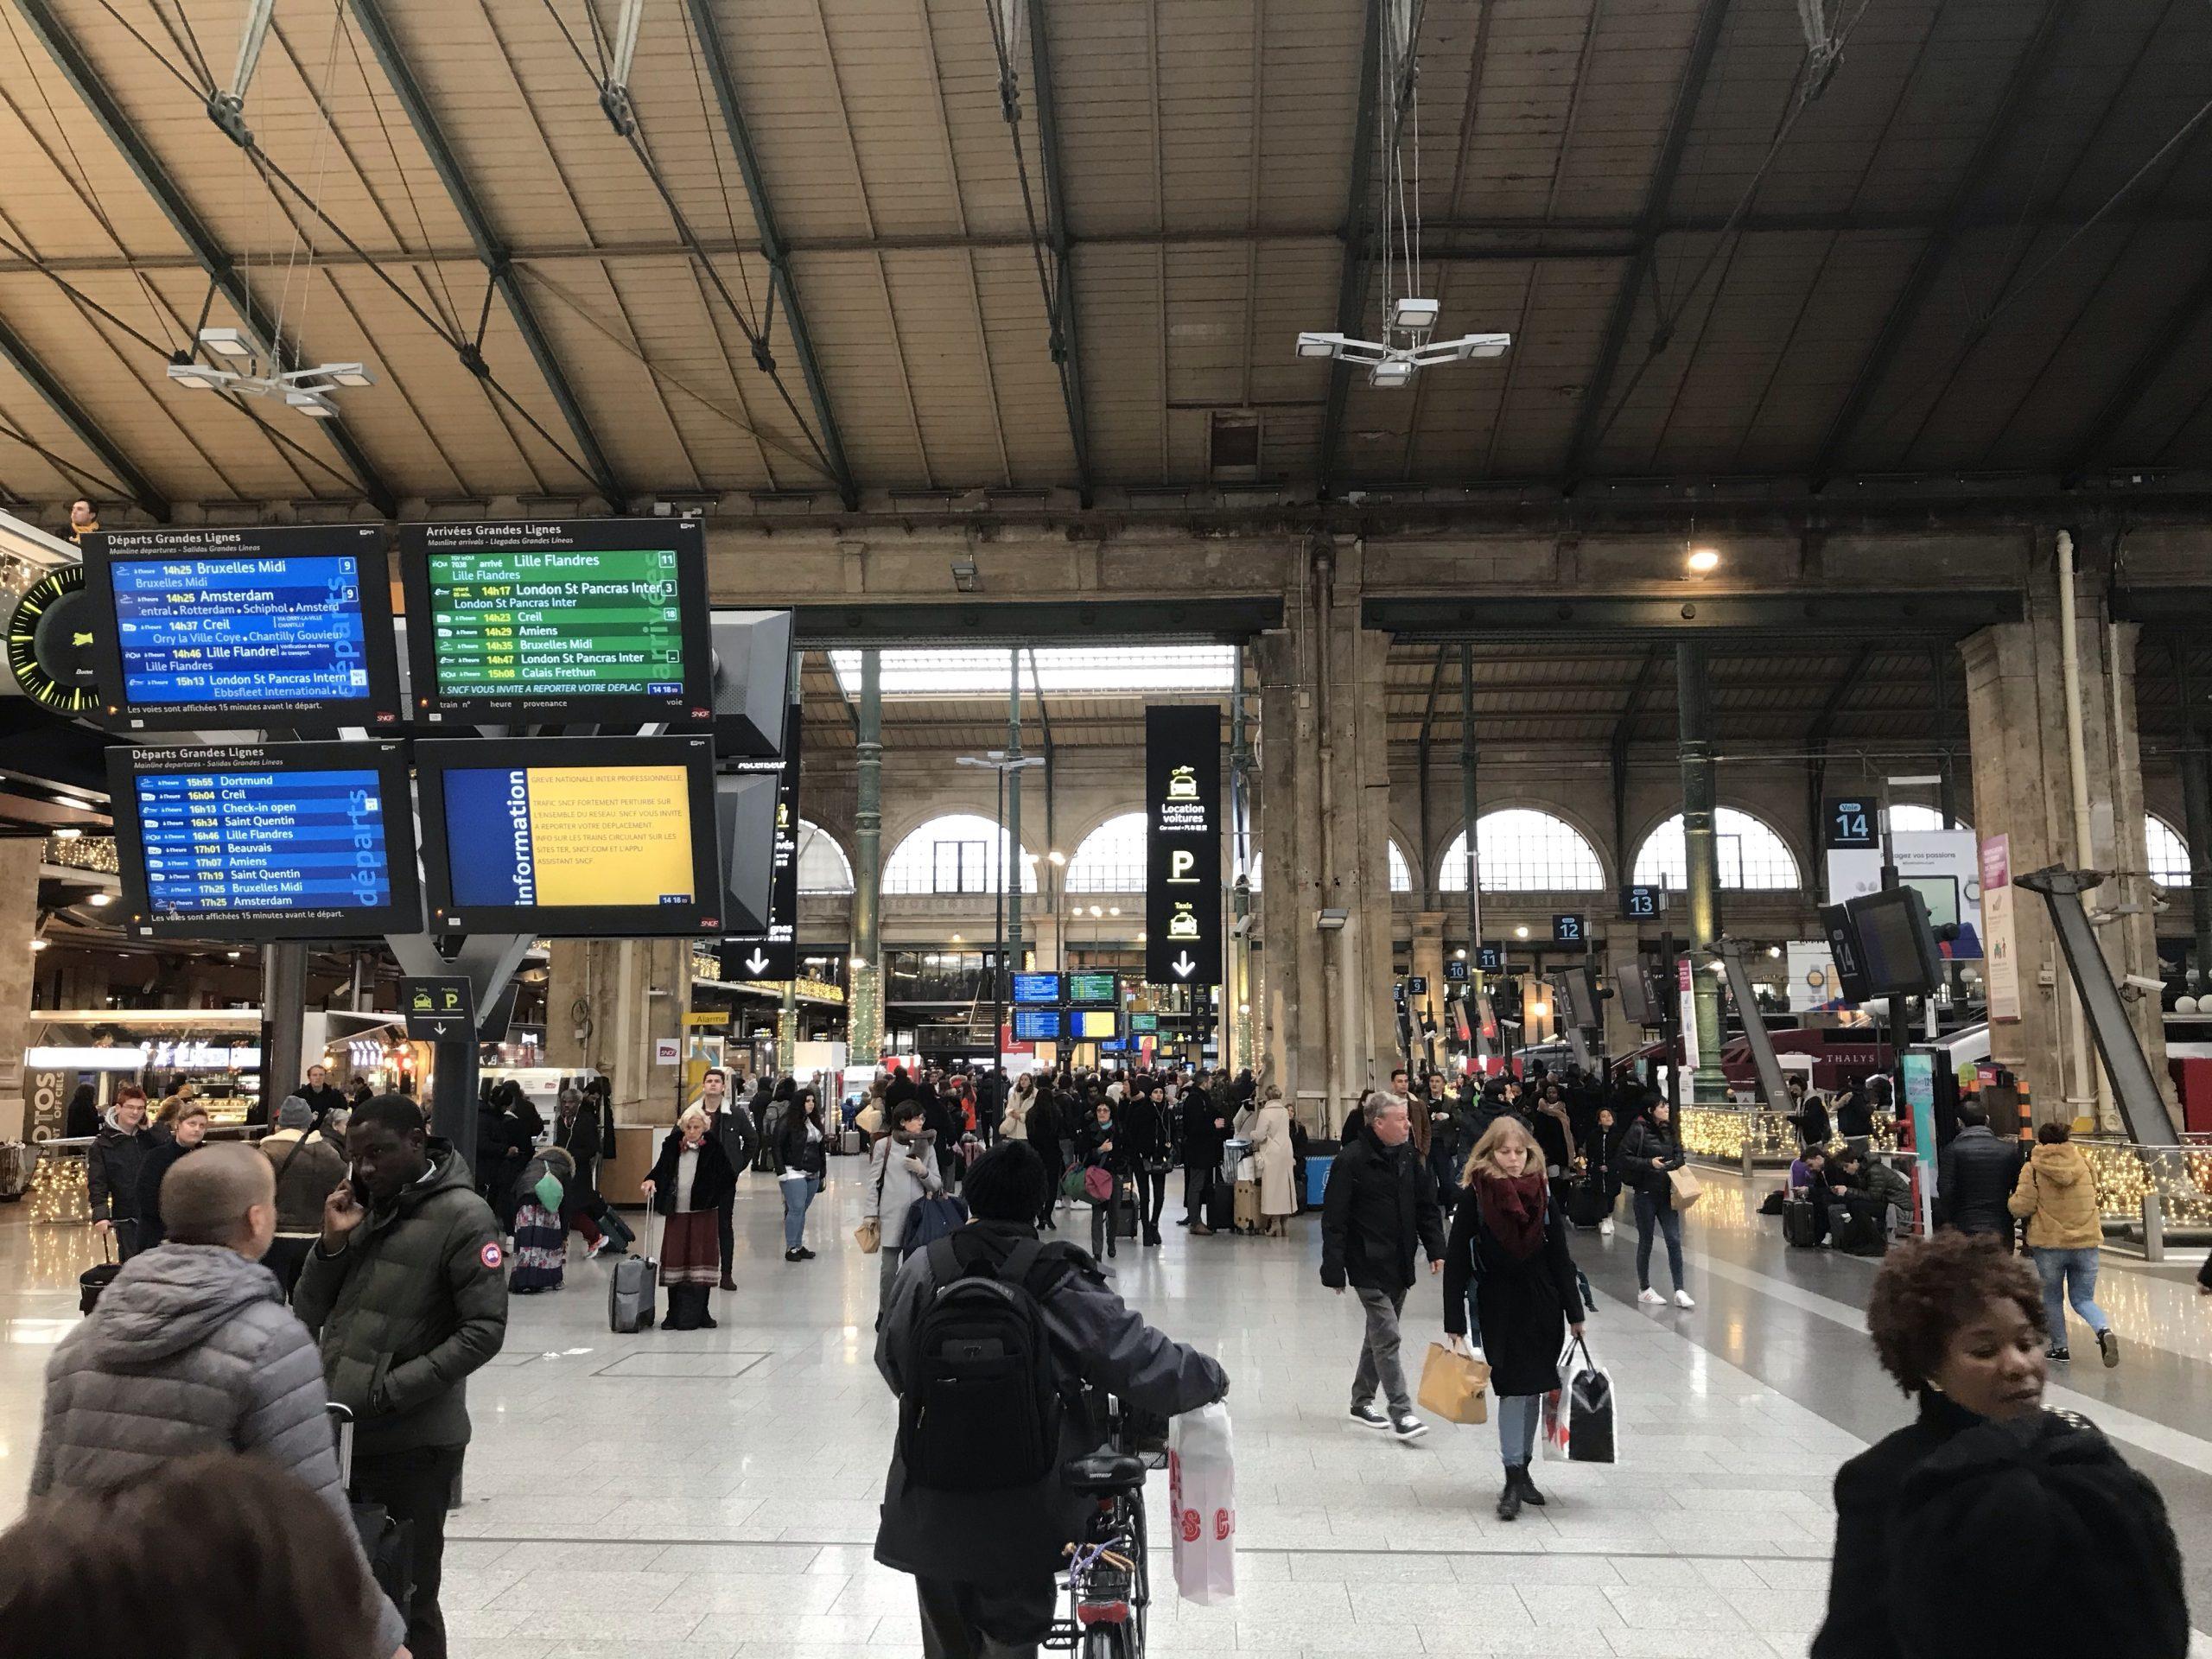 「【海外旅行】パリのストライキ事情!フランス観光への影響、実体験」のアイキャッチ画像